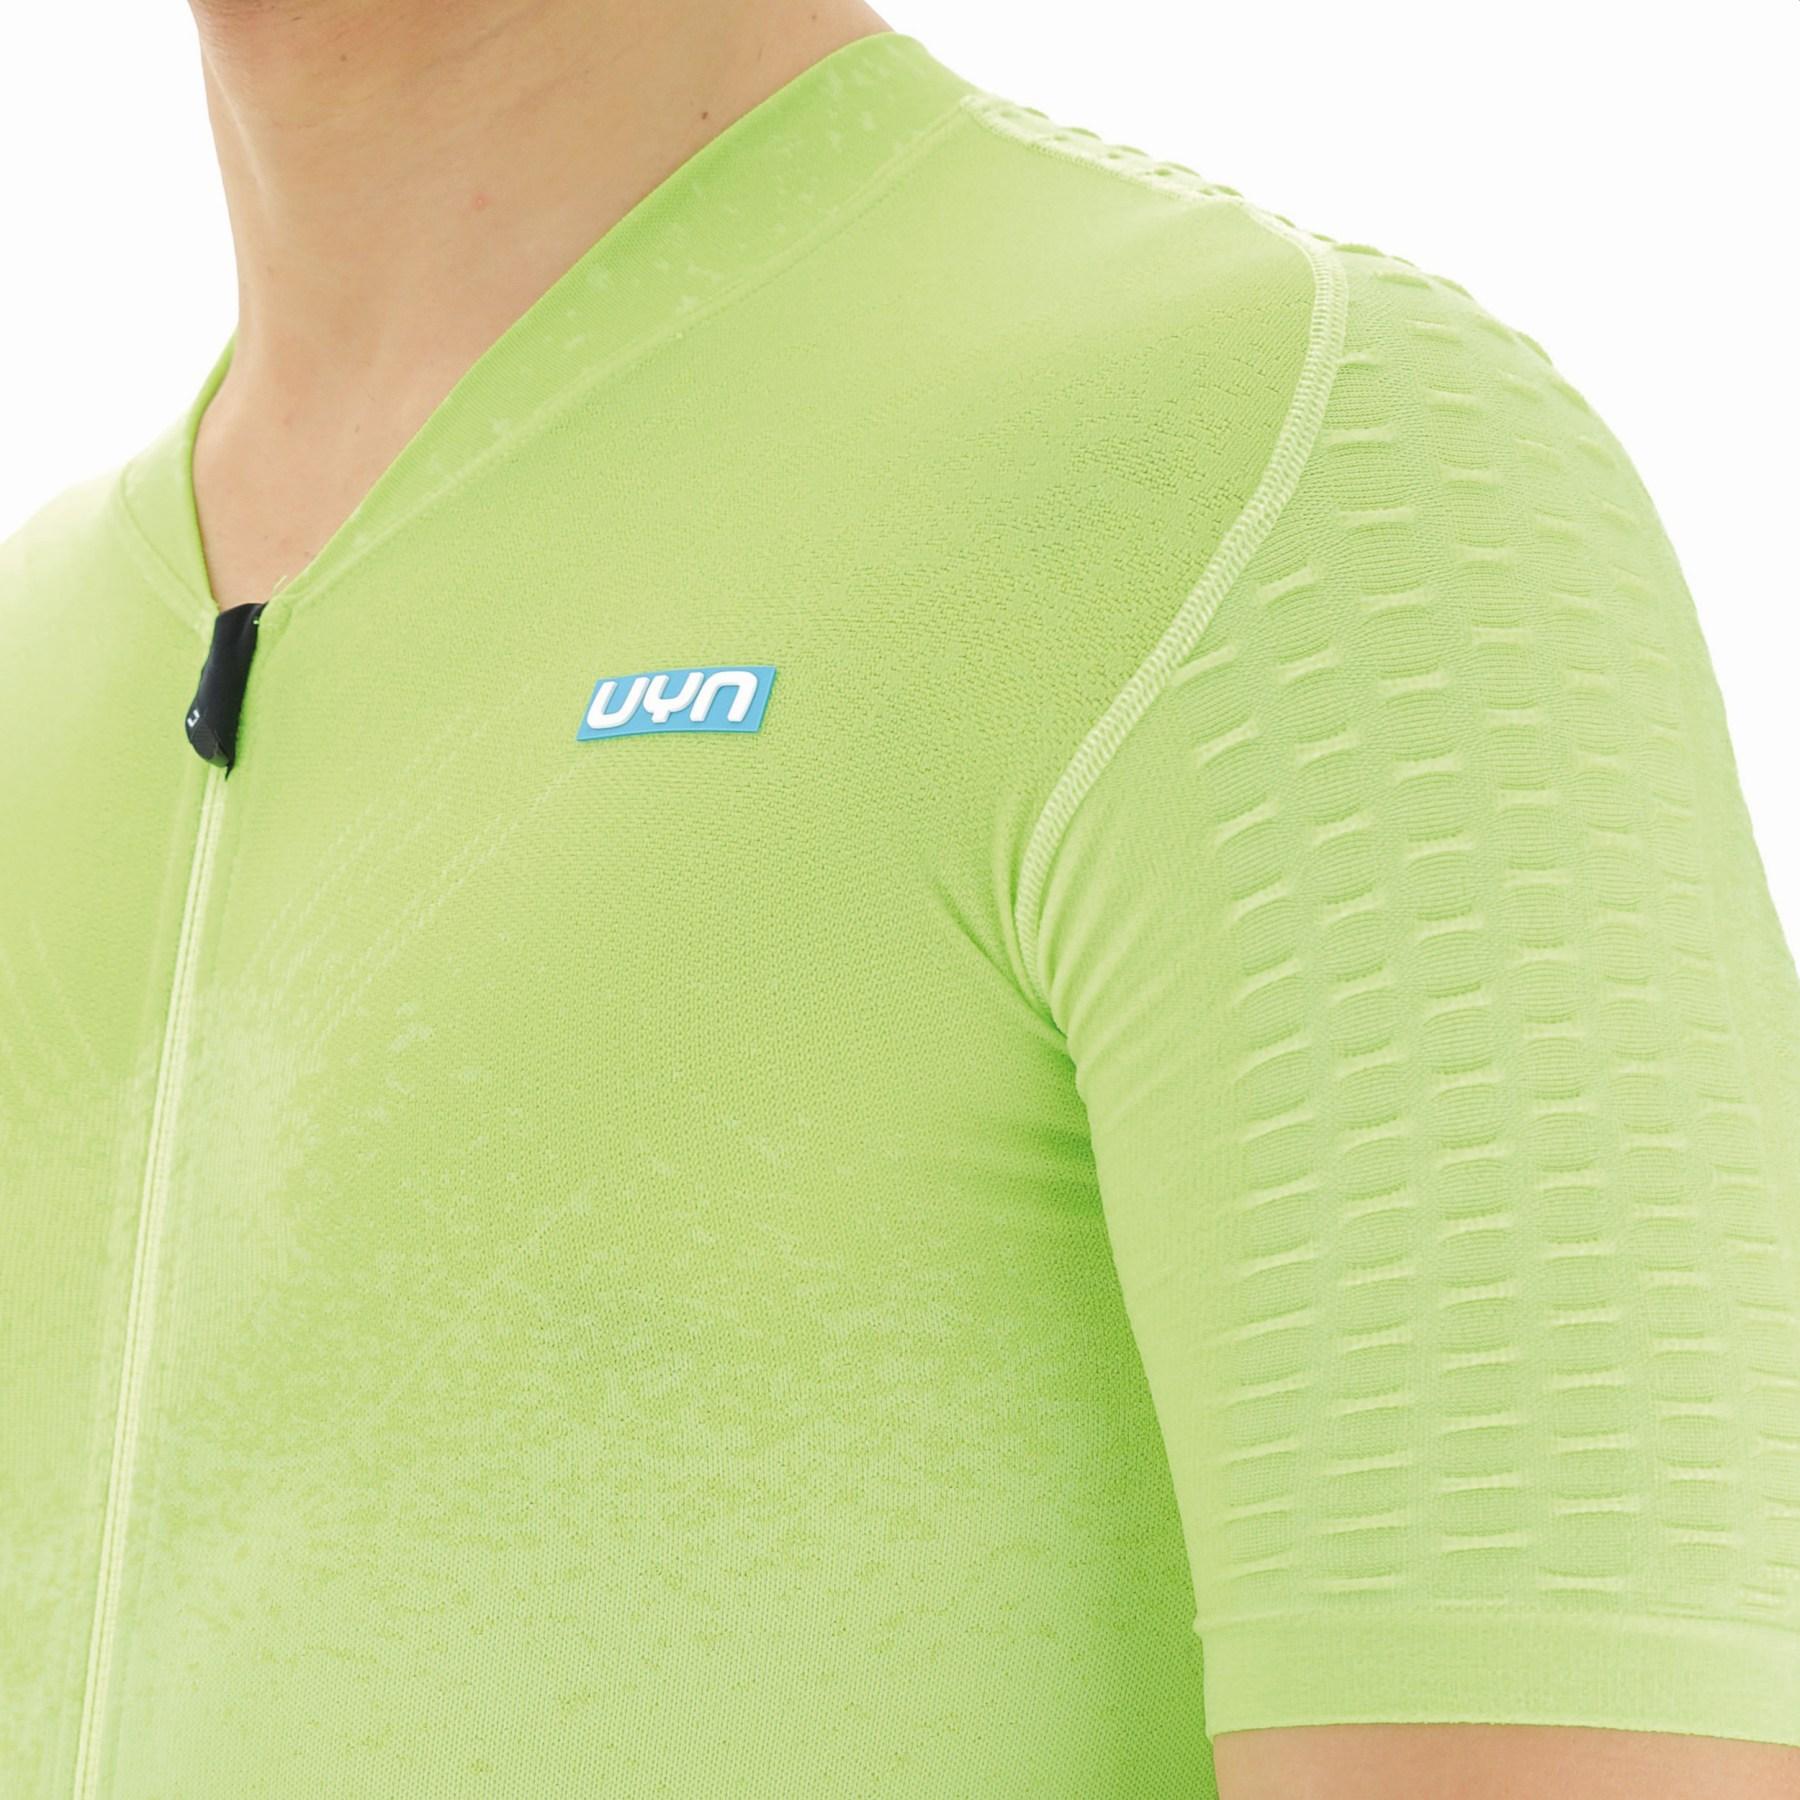 Bild von UYN Biking Airwing T-Shirt - Gelb/Schwarz